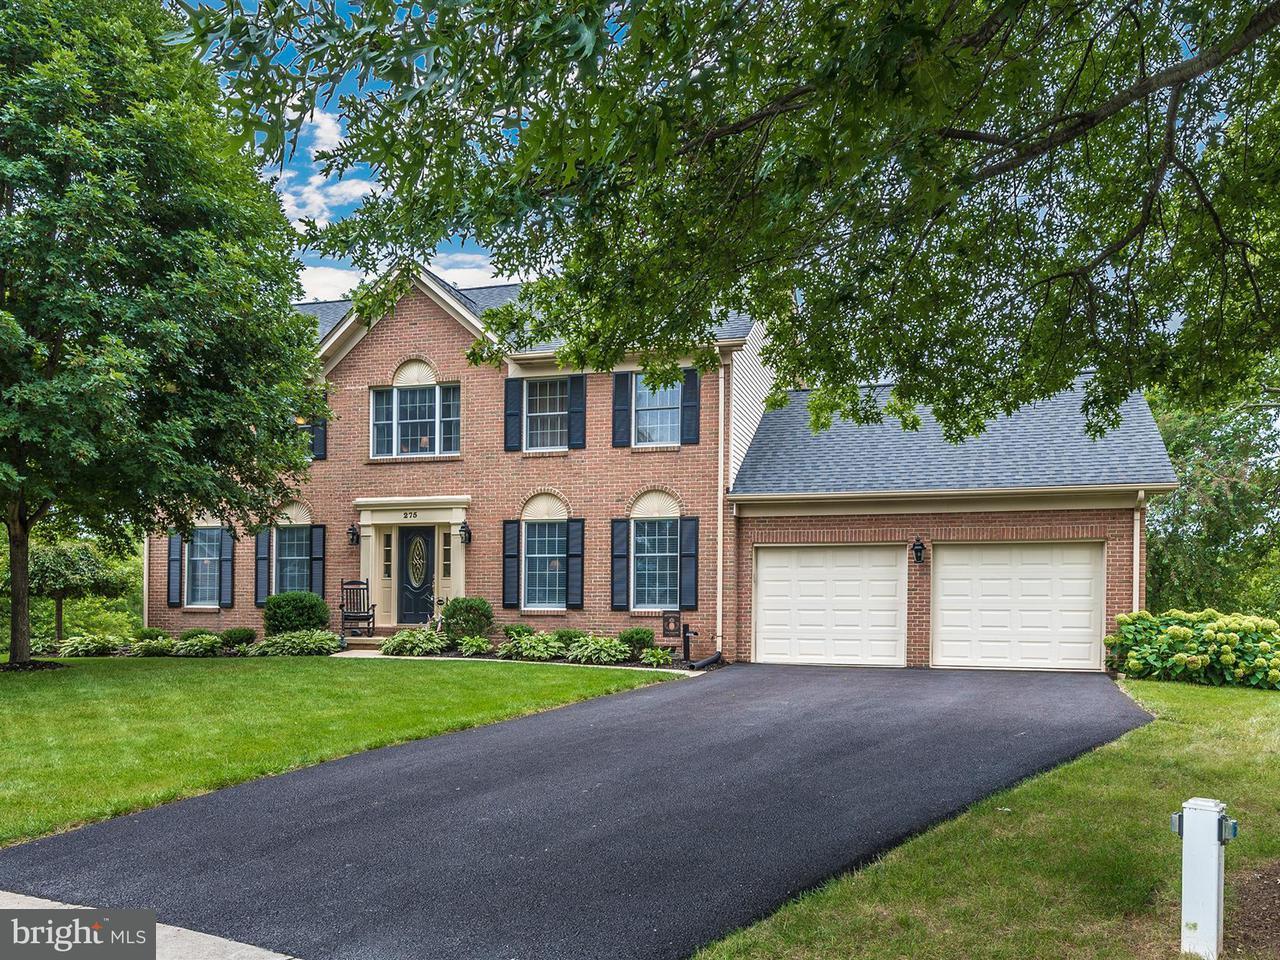 Maison unifamiliale pour l Vente à 275 MAPLEWOOD Court 275 MAPLEWOOD Court Walkersville, Maryland 21793 États-Unis